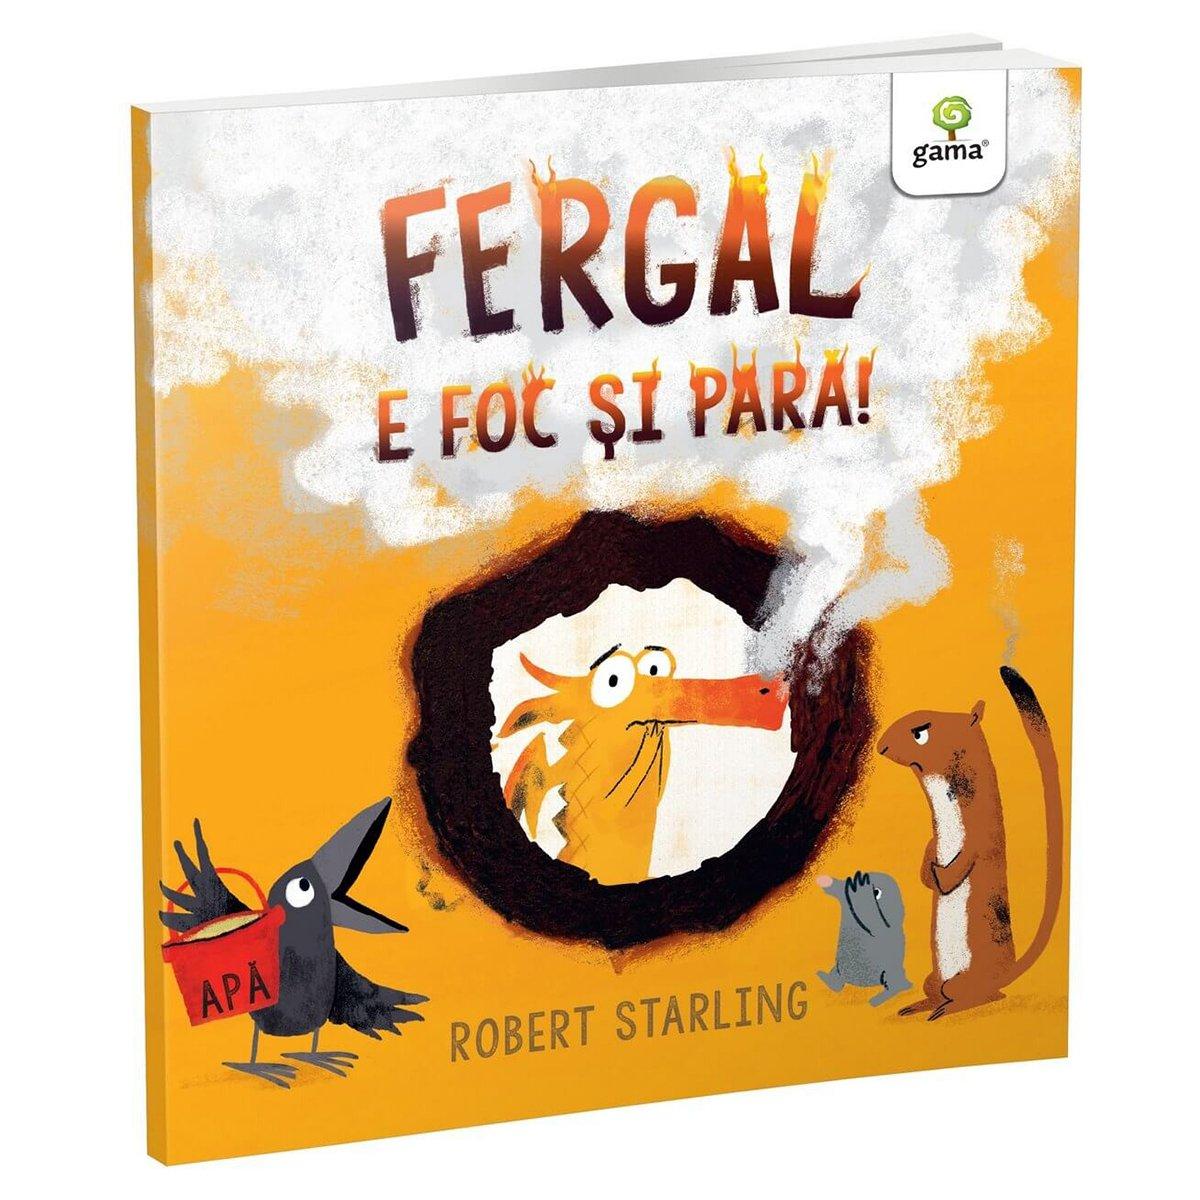 Carte Editura Gama, Fergal e foc si para!